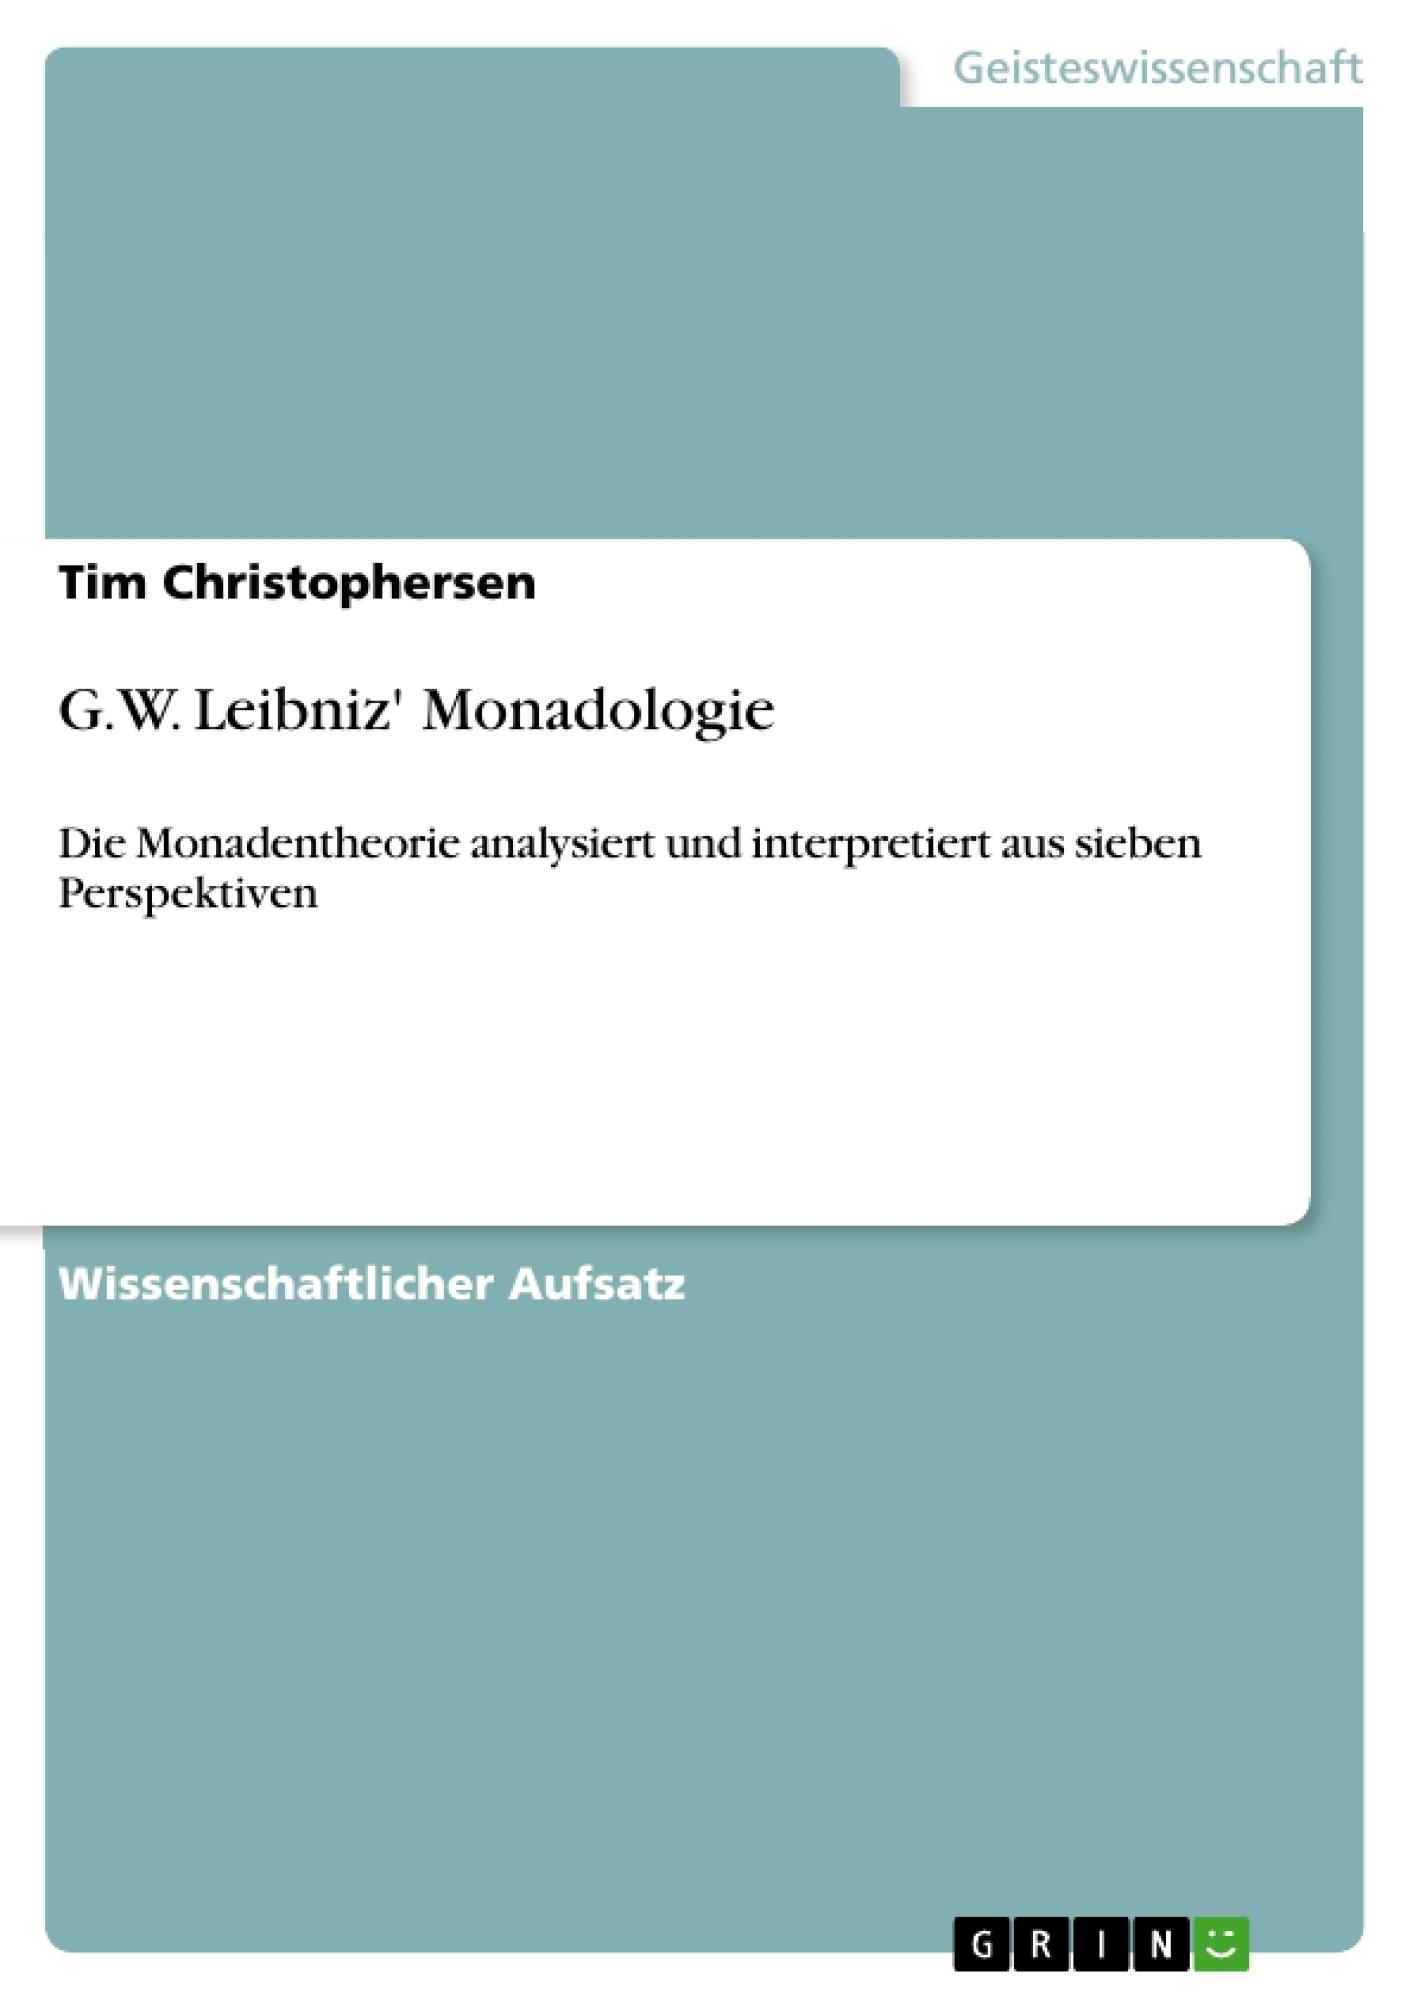 Titel: G.W. Leibniz' Monadologie